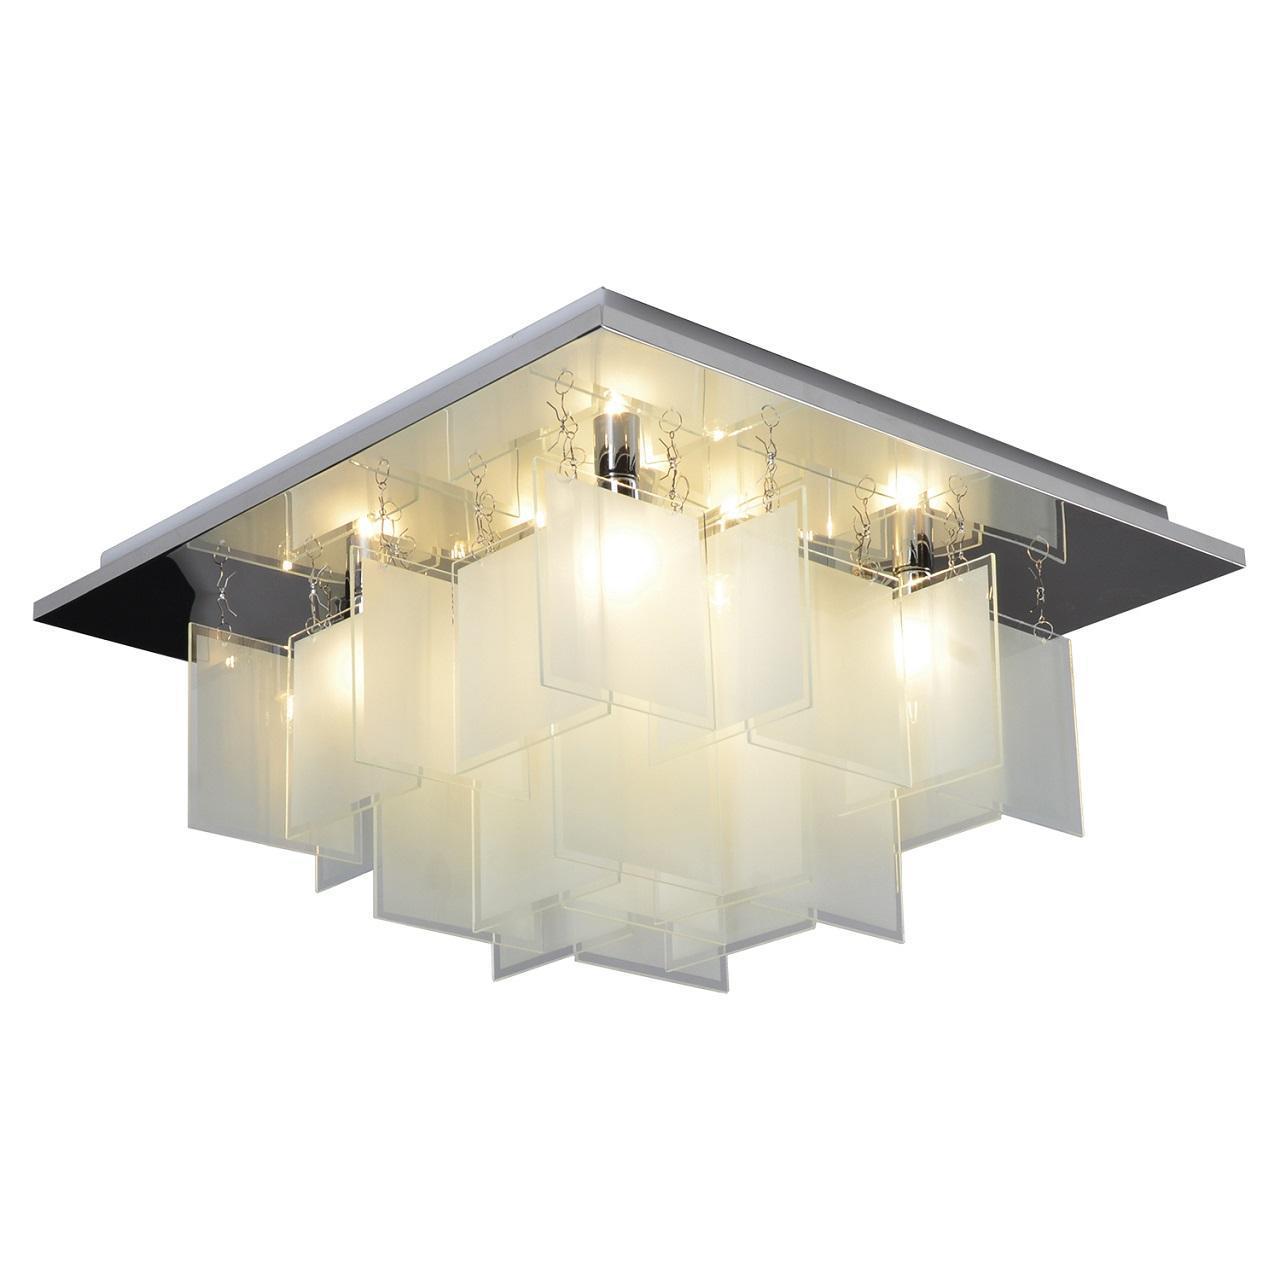 Люстра Lussole Loft LSP-9937 потолочная потолочная люстра lussole loft lsp 9937